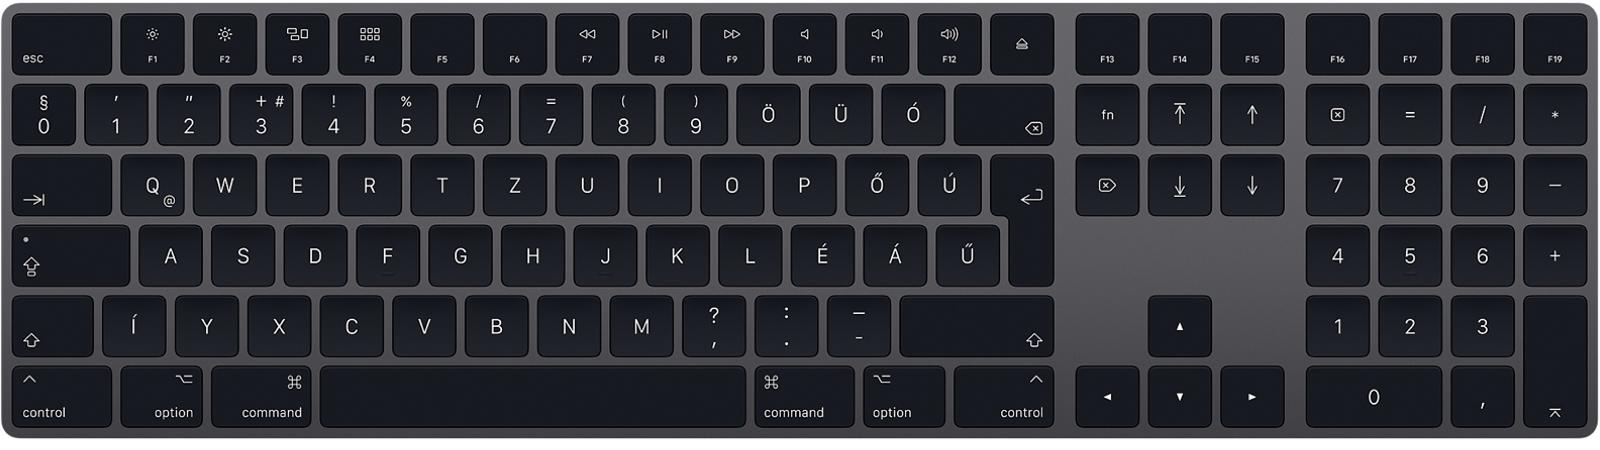 Asztroszürke Magic Keyboard numerikus felülettel.